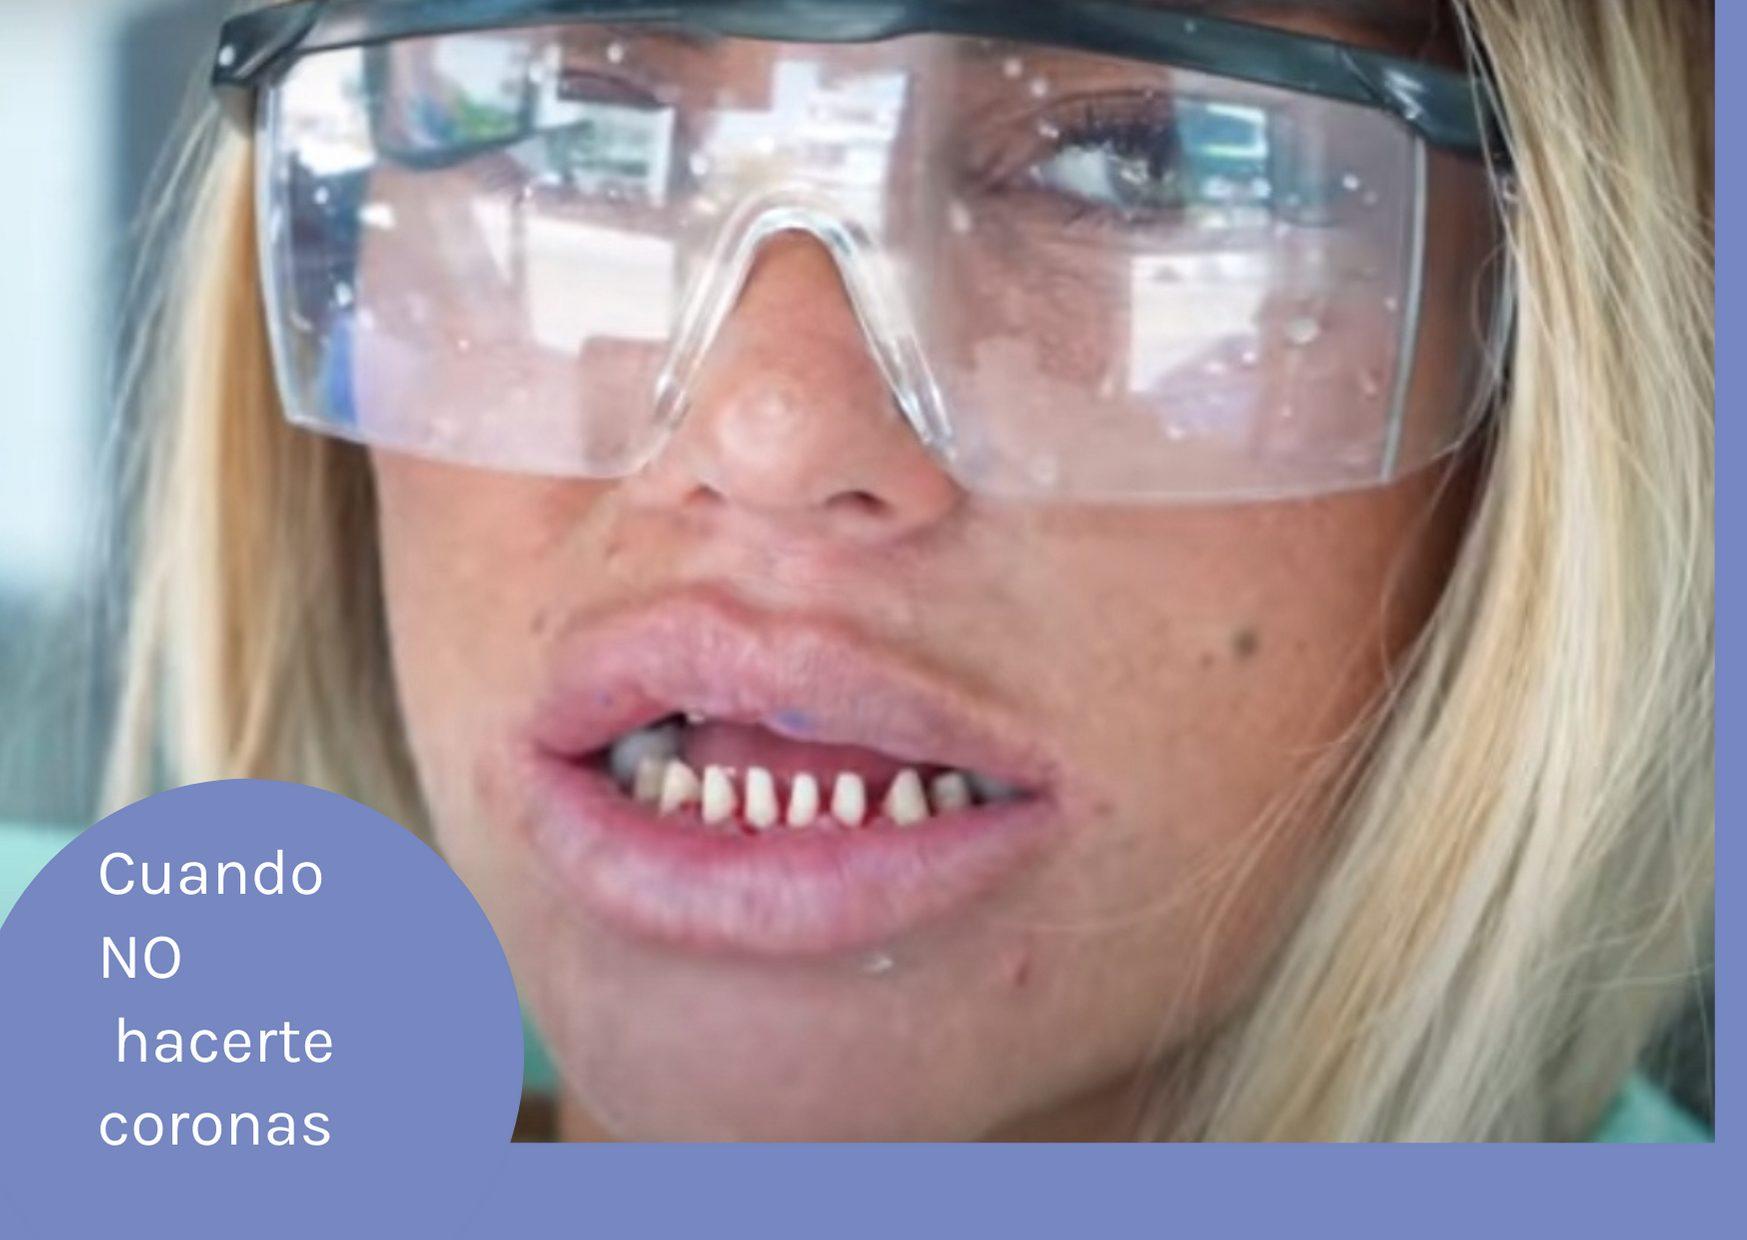 No hacerte coronas dentales